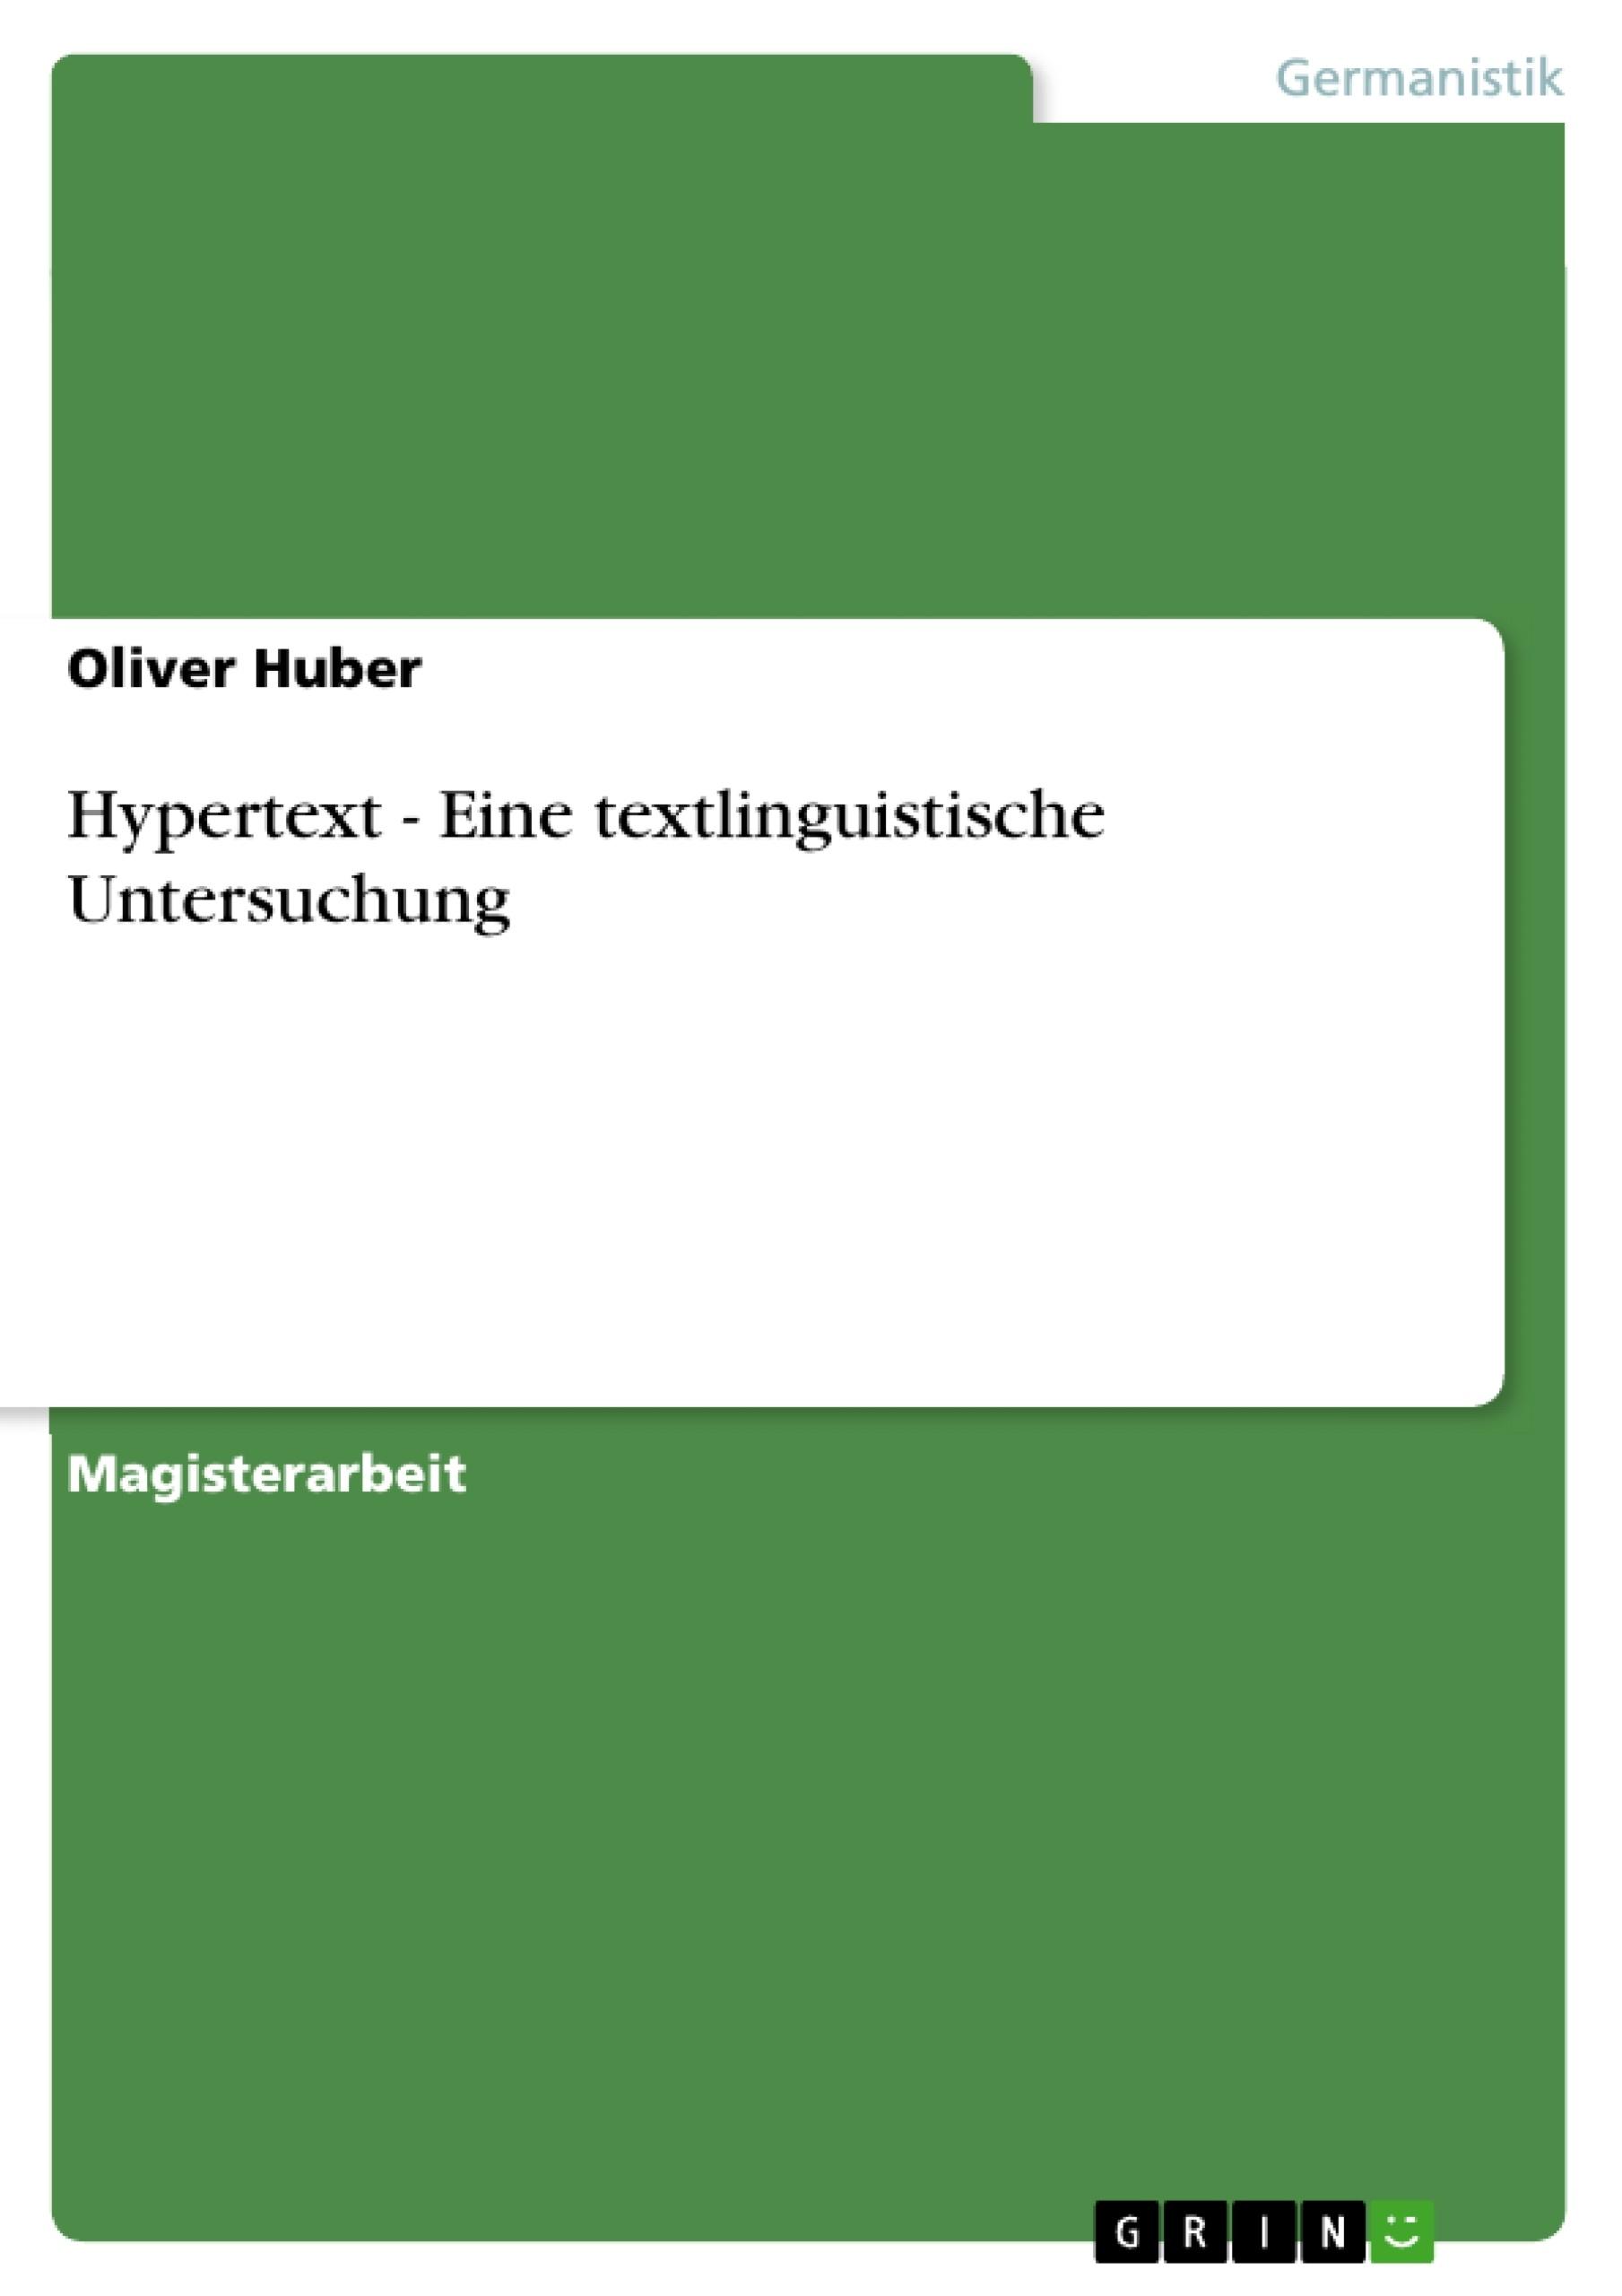 Titel: Hypertext - Eine textlinguistische Untersuchung